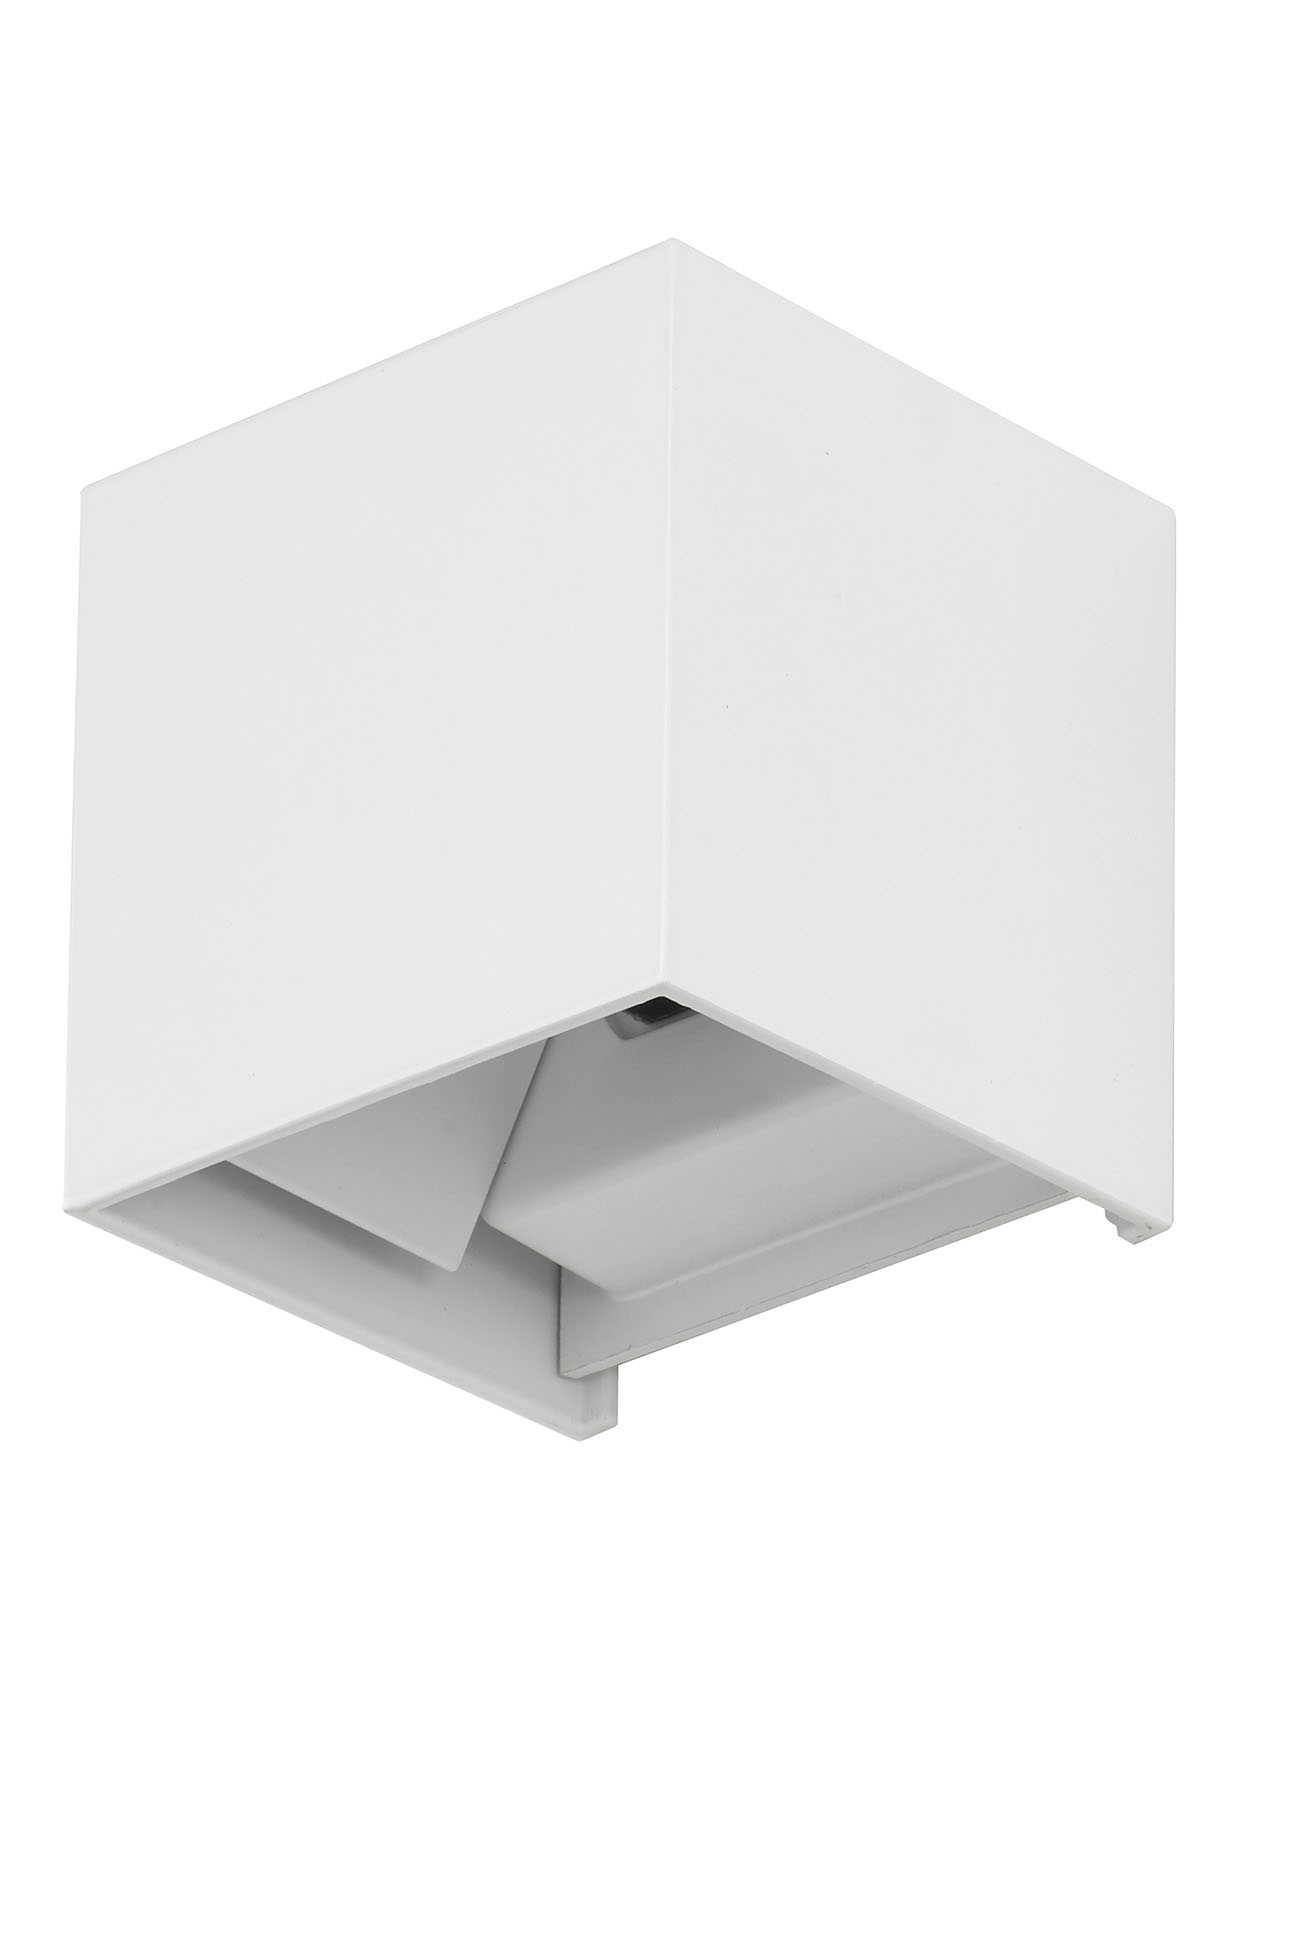 TELEFUNKEN LED Aussenwandleuchte, 11 cm, 7 W, Weiss